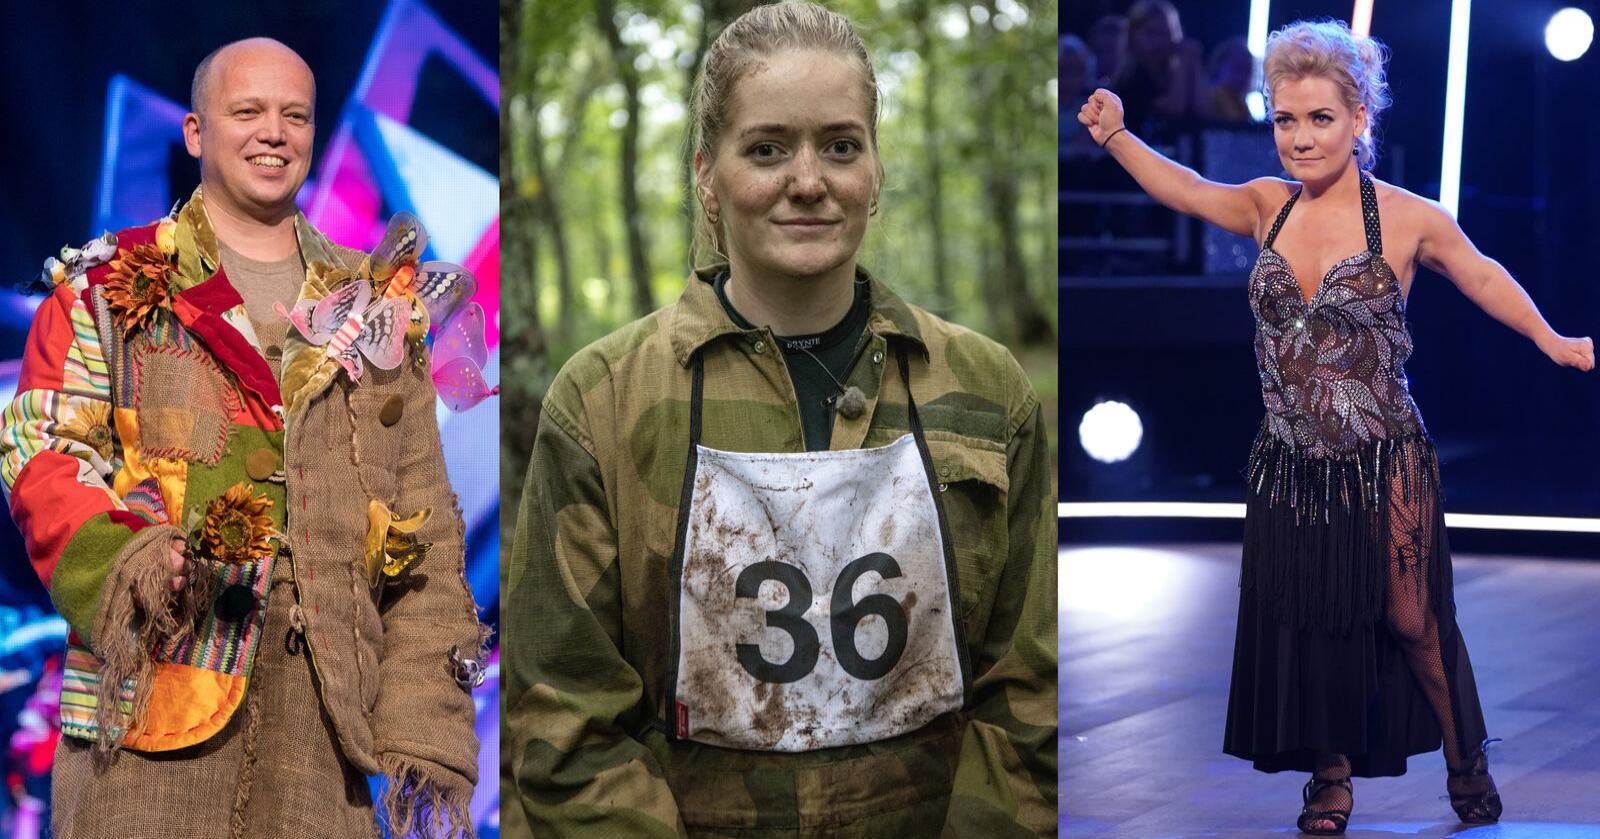 Både Trygve Slagsvold Vedum, Emilie Enger Mehl og Sandra Borch fra Senterpartiet har deltatt i flere realityserier på TV. Foto: Julia Marie Naglestad (NRK)/Espen Solli/Matti Bernitz (TV 2)